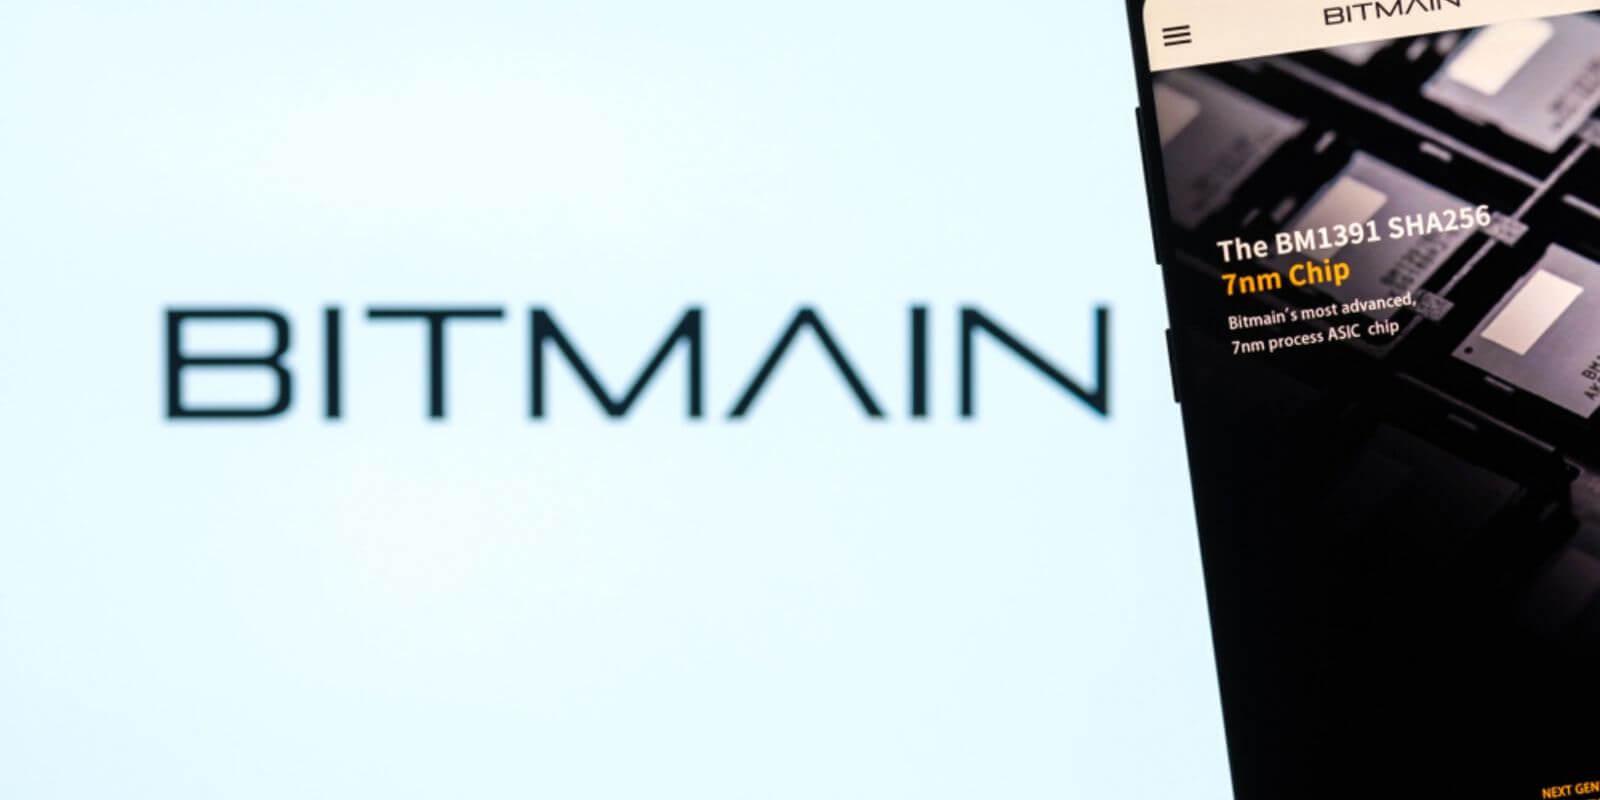 Bitmain dévoile de nouvelles stratégies pour conserver ses clients